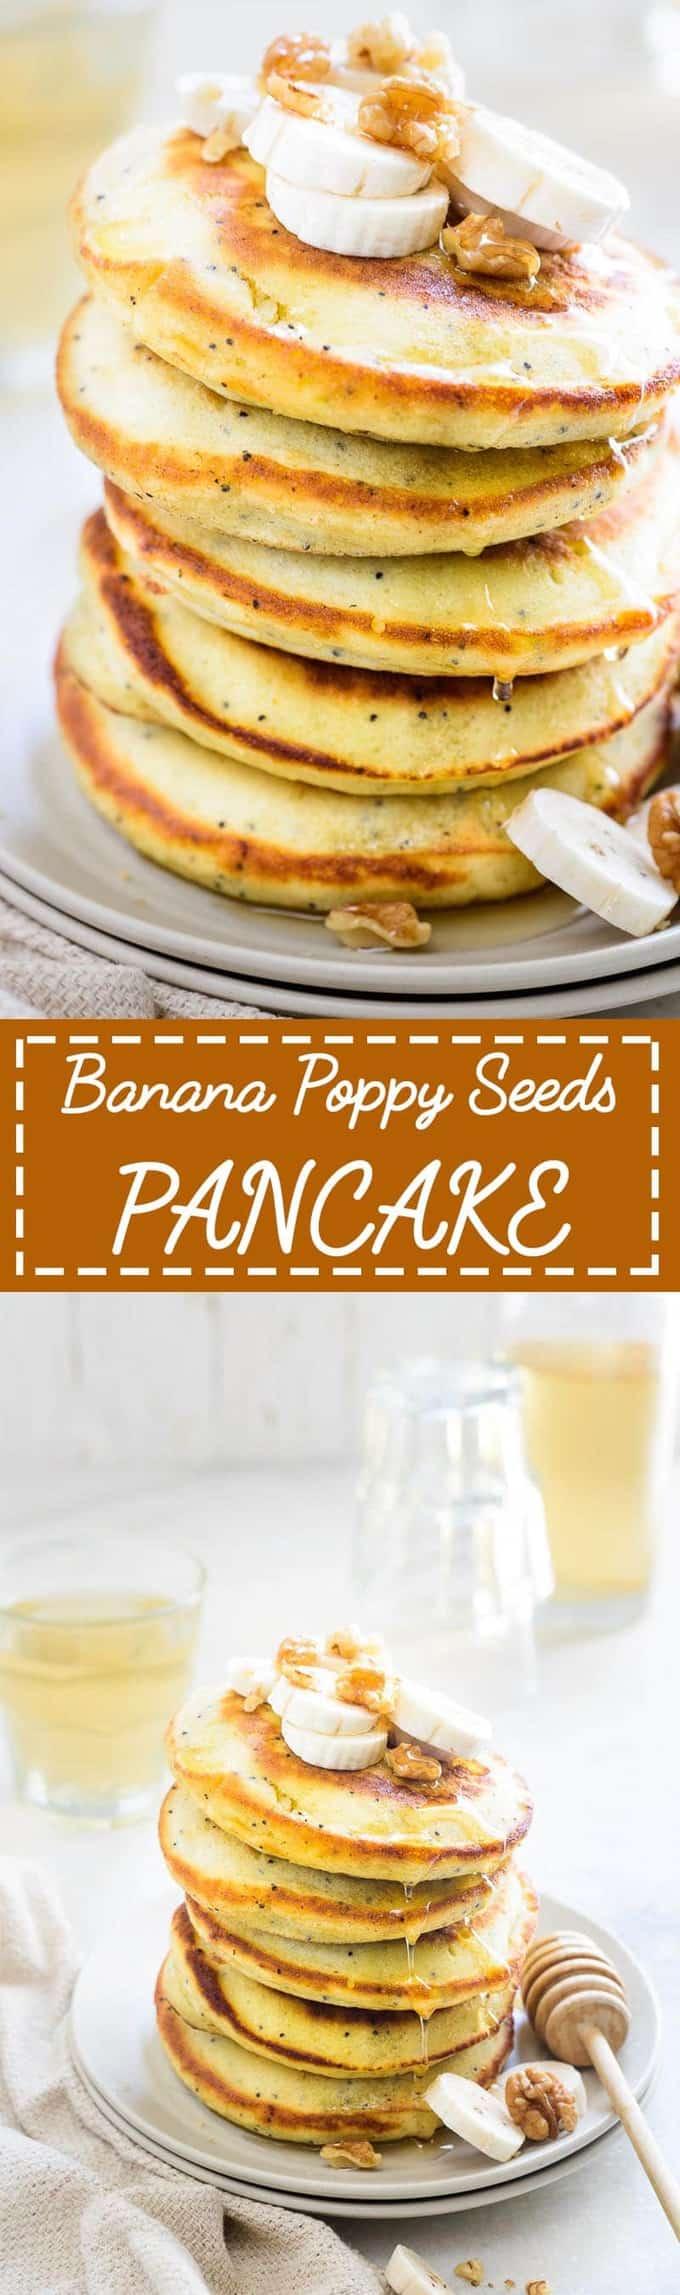 Banana Poppy Seed Pancake